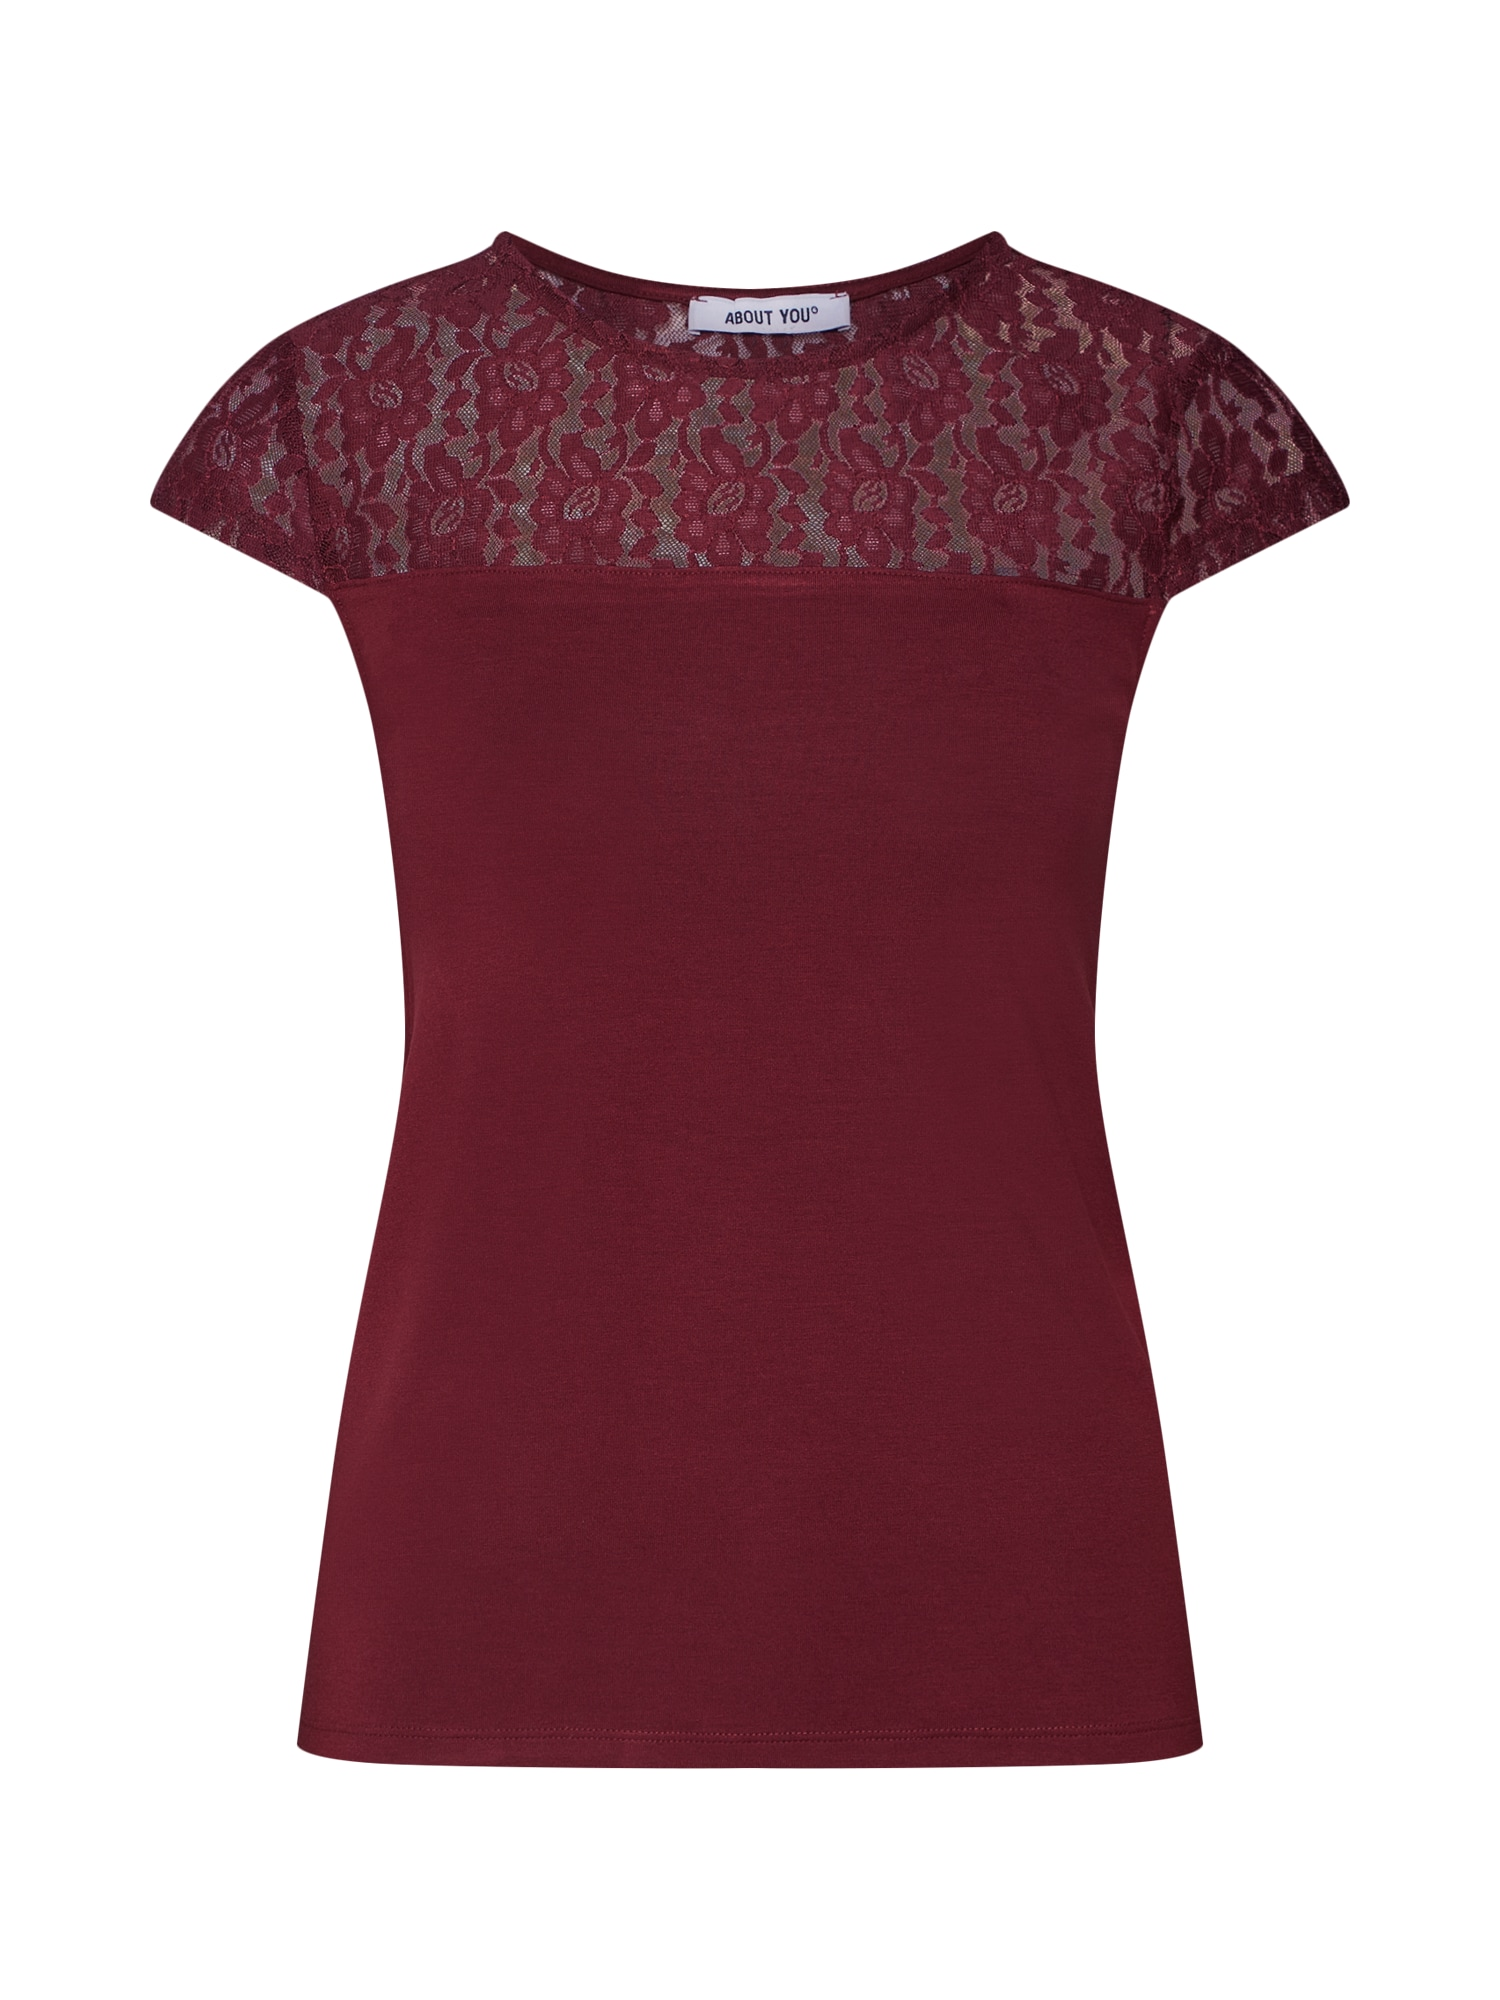 ABOUT YOU Marškinėliai 'Emilie' vyšninė spalva